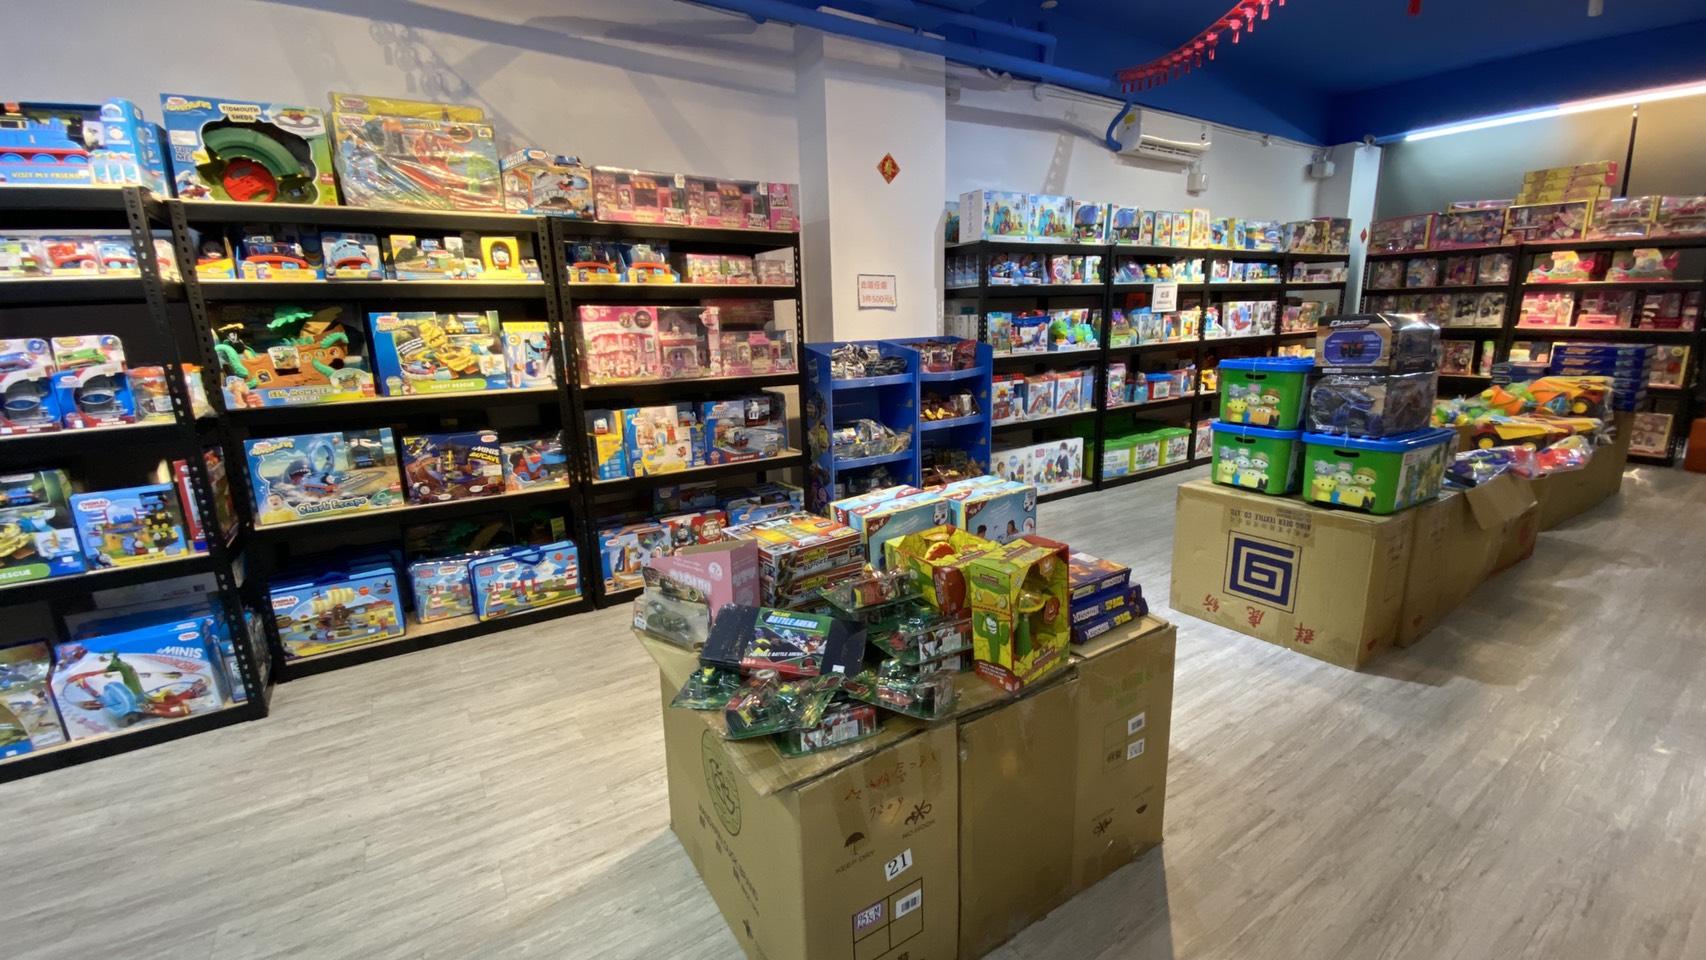 [玩具特賣會]2222 2kids玩具特賣會/最新玩具力拼市場最低價/滿千可刷卡/劍潭捷運站士林夜市口